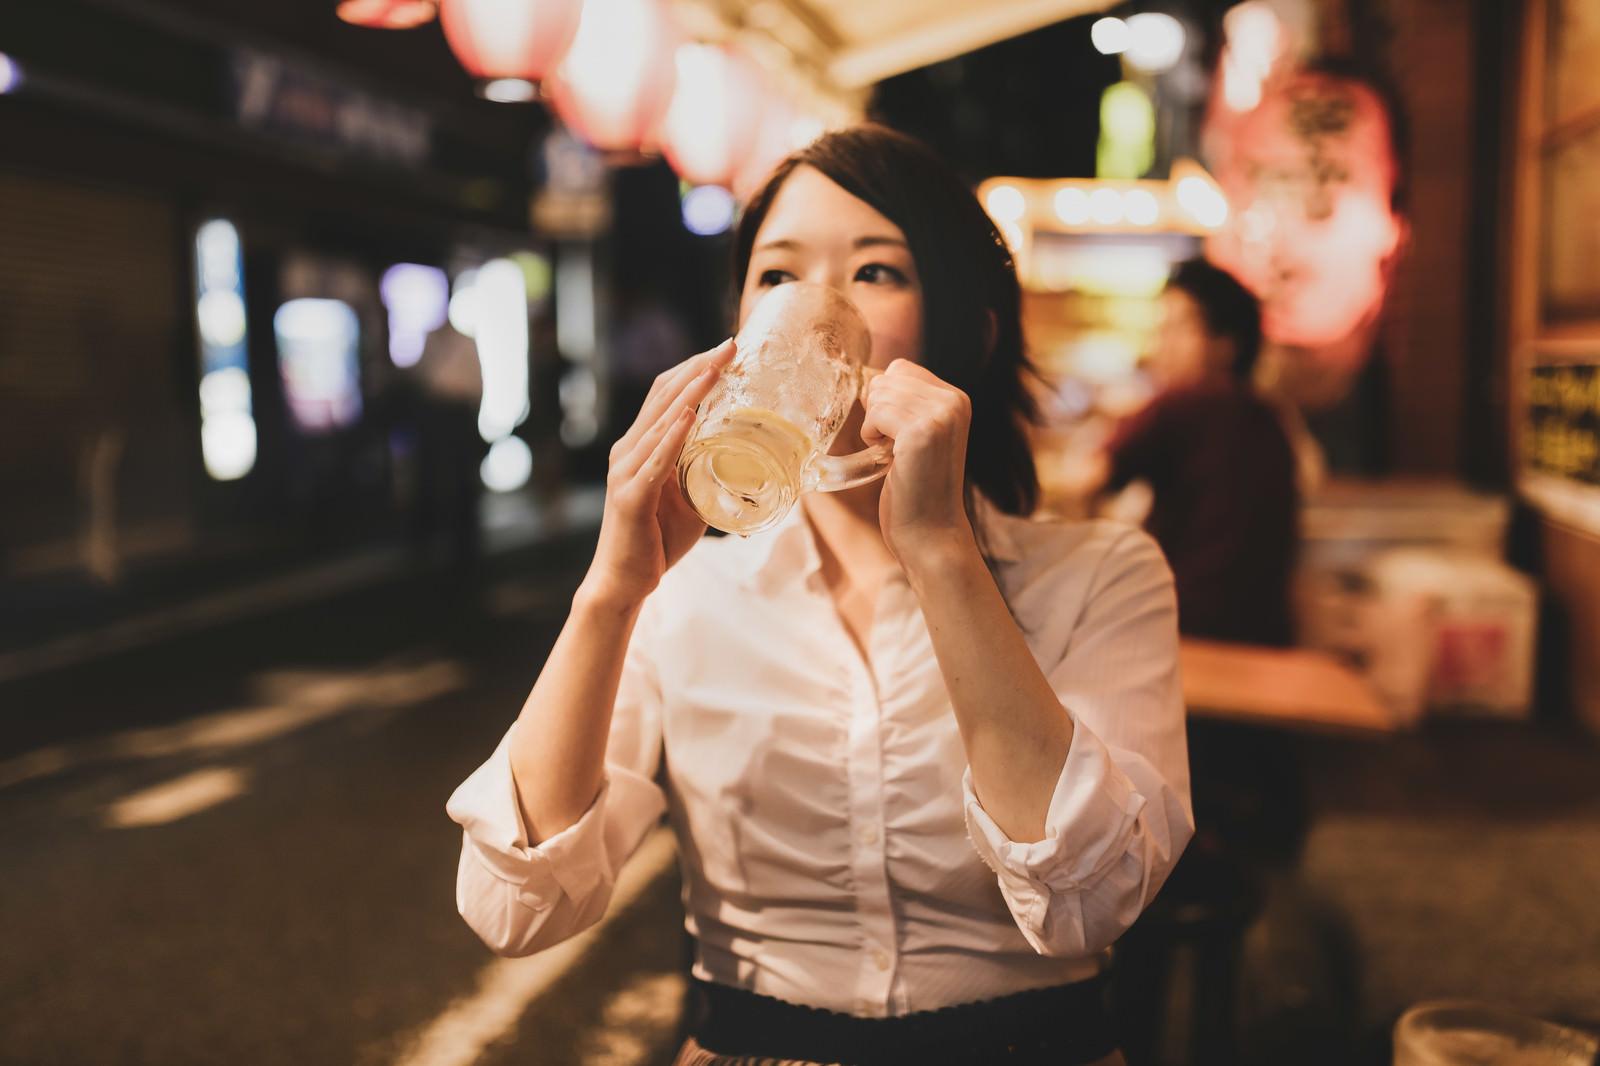 「居酒屋でひとり呑み(チューハイグビグビ)」の写真[モデル:シマヅ]